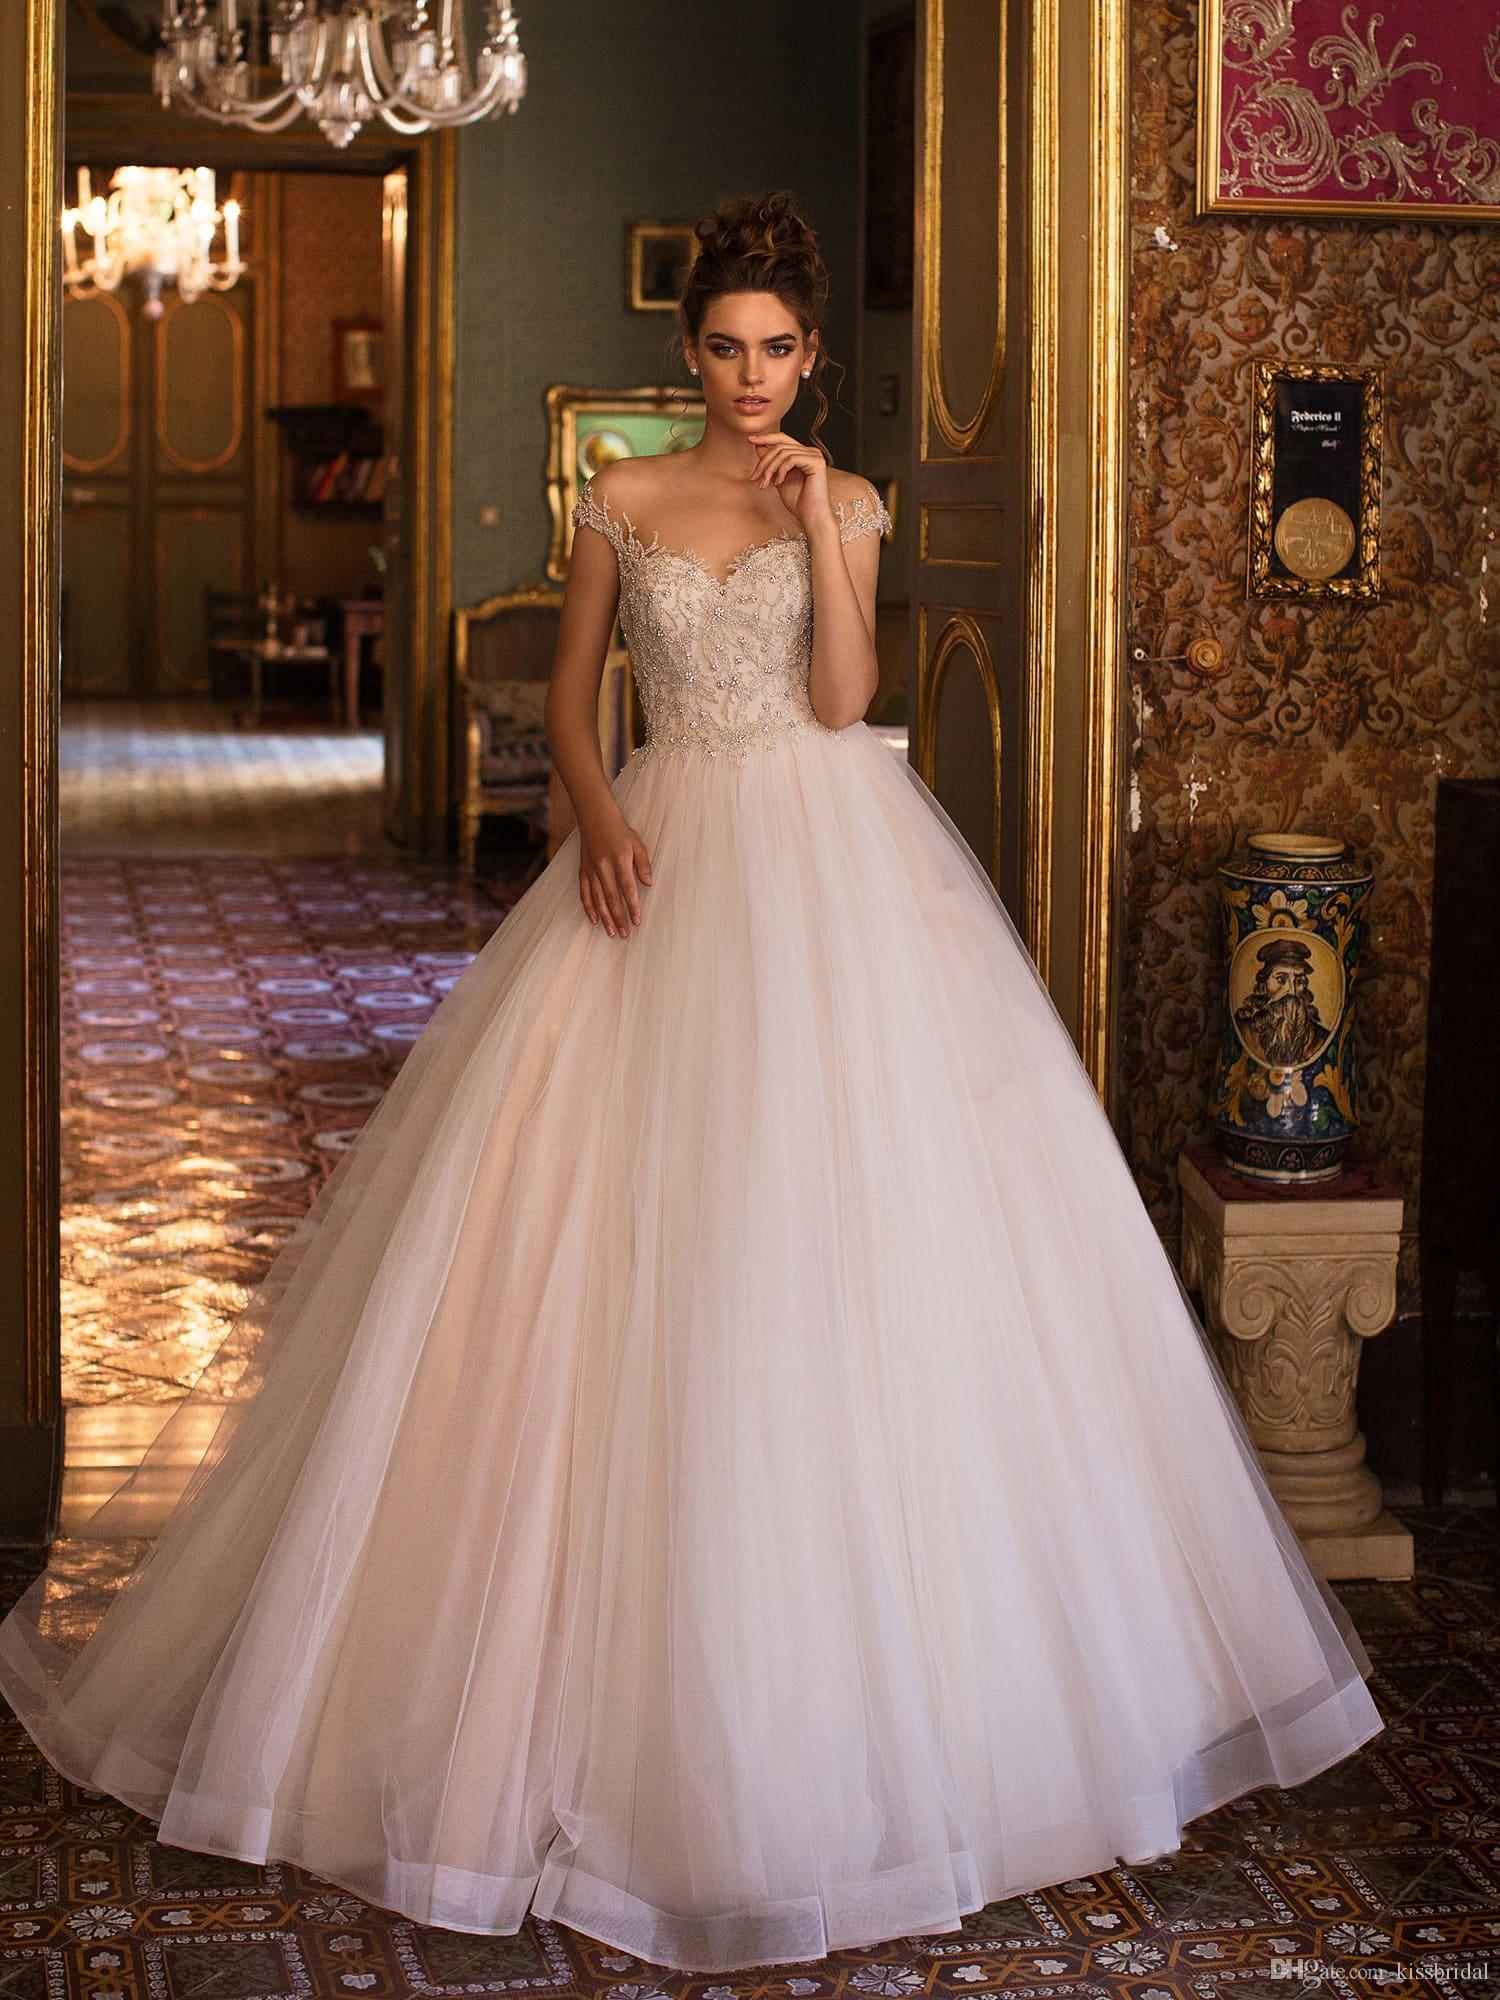 Discount Vestido De Novia Corset Wedding Dresses Beaded Bodice Short